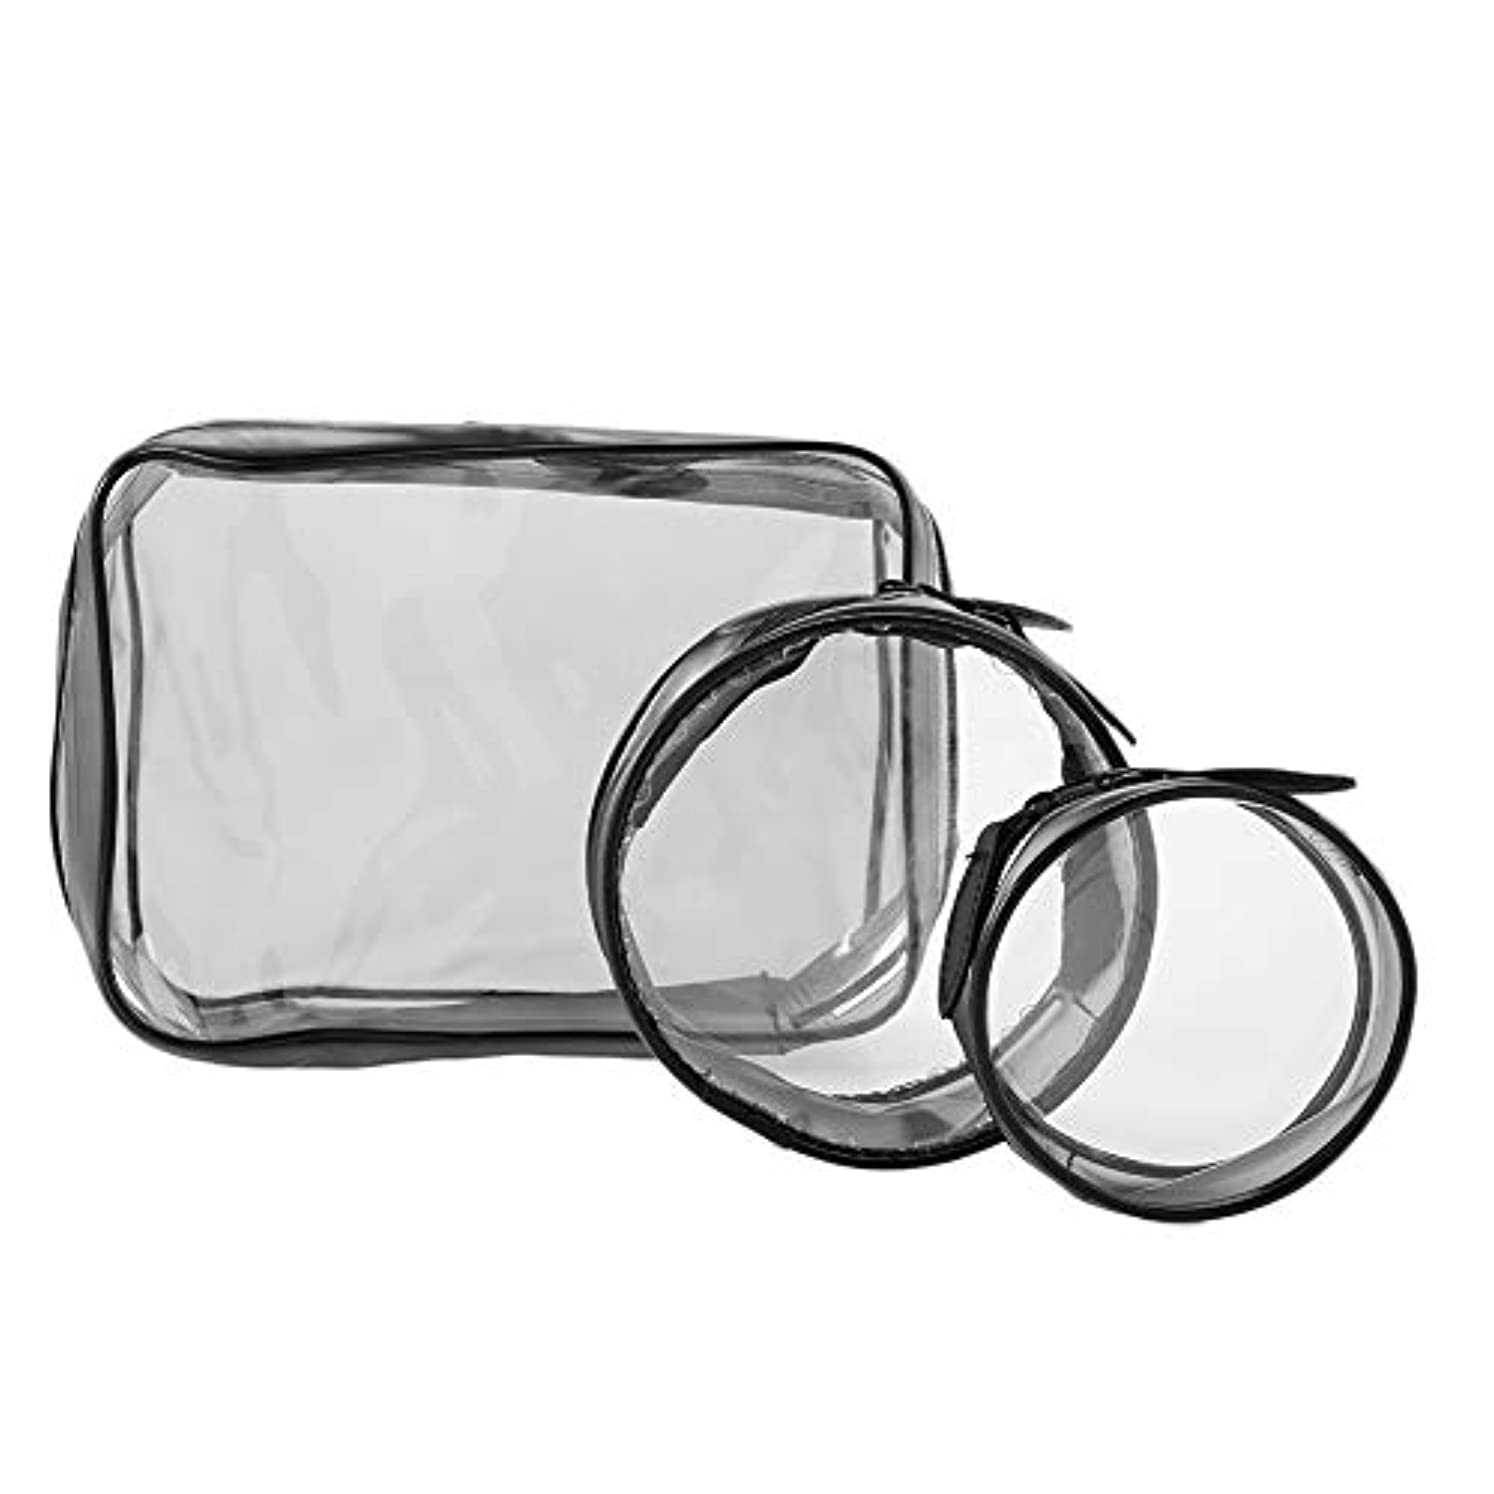 集中的な認証濃度化粧ポーチ、携帯旅行収納バッグ シンプル 透明メイクバッグ 大容量 防水 円形 ラスナーデザインツアーバッグ(スリーピーススーツ)